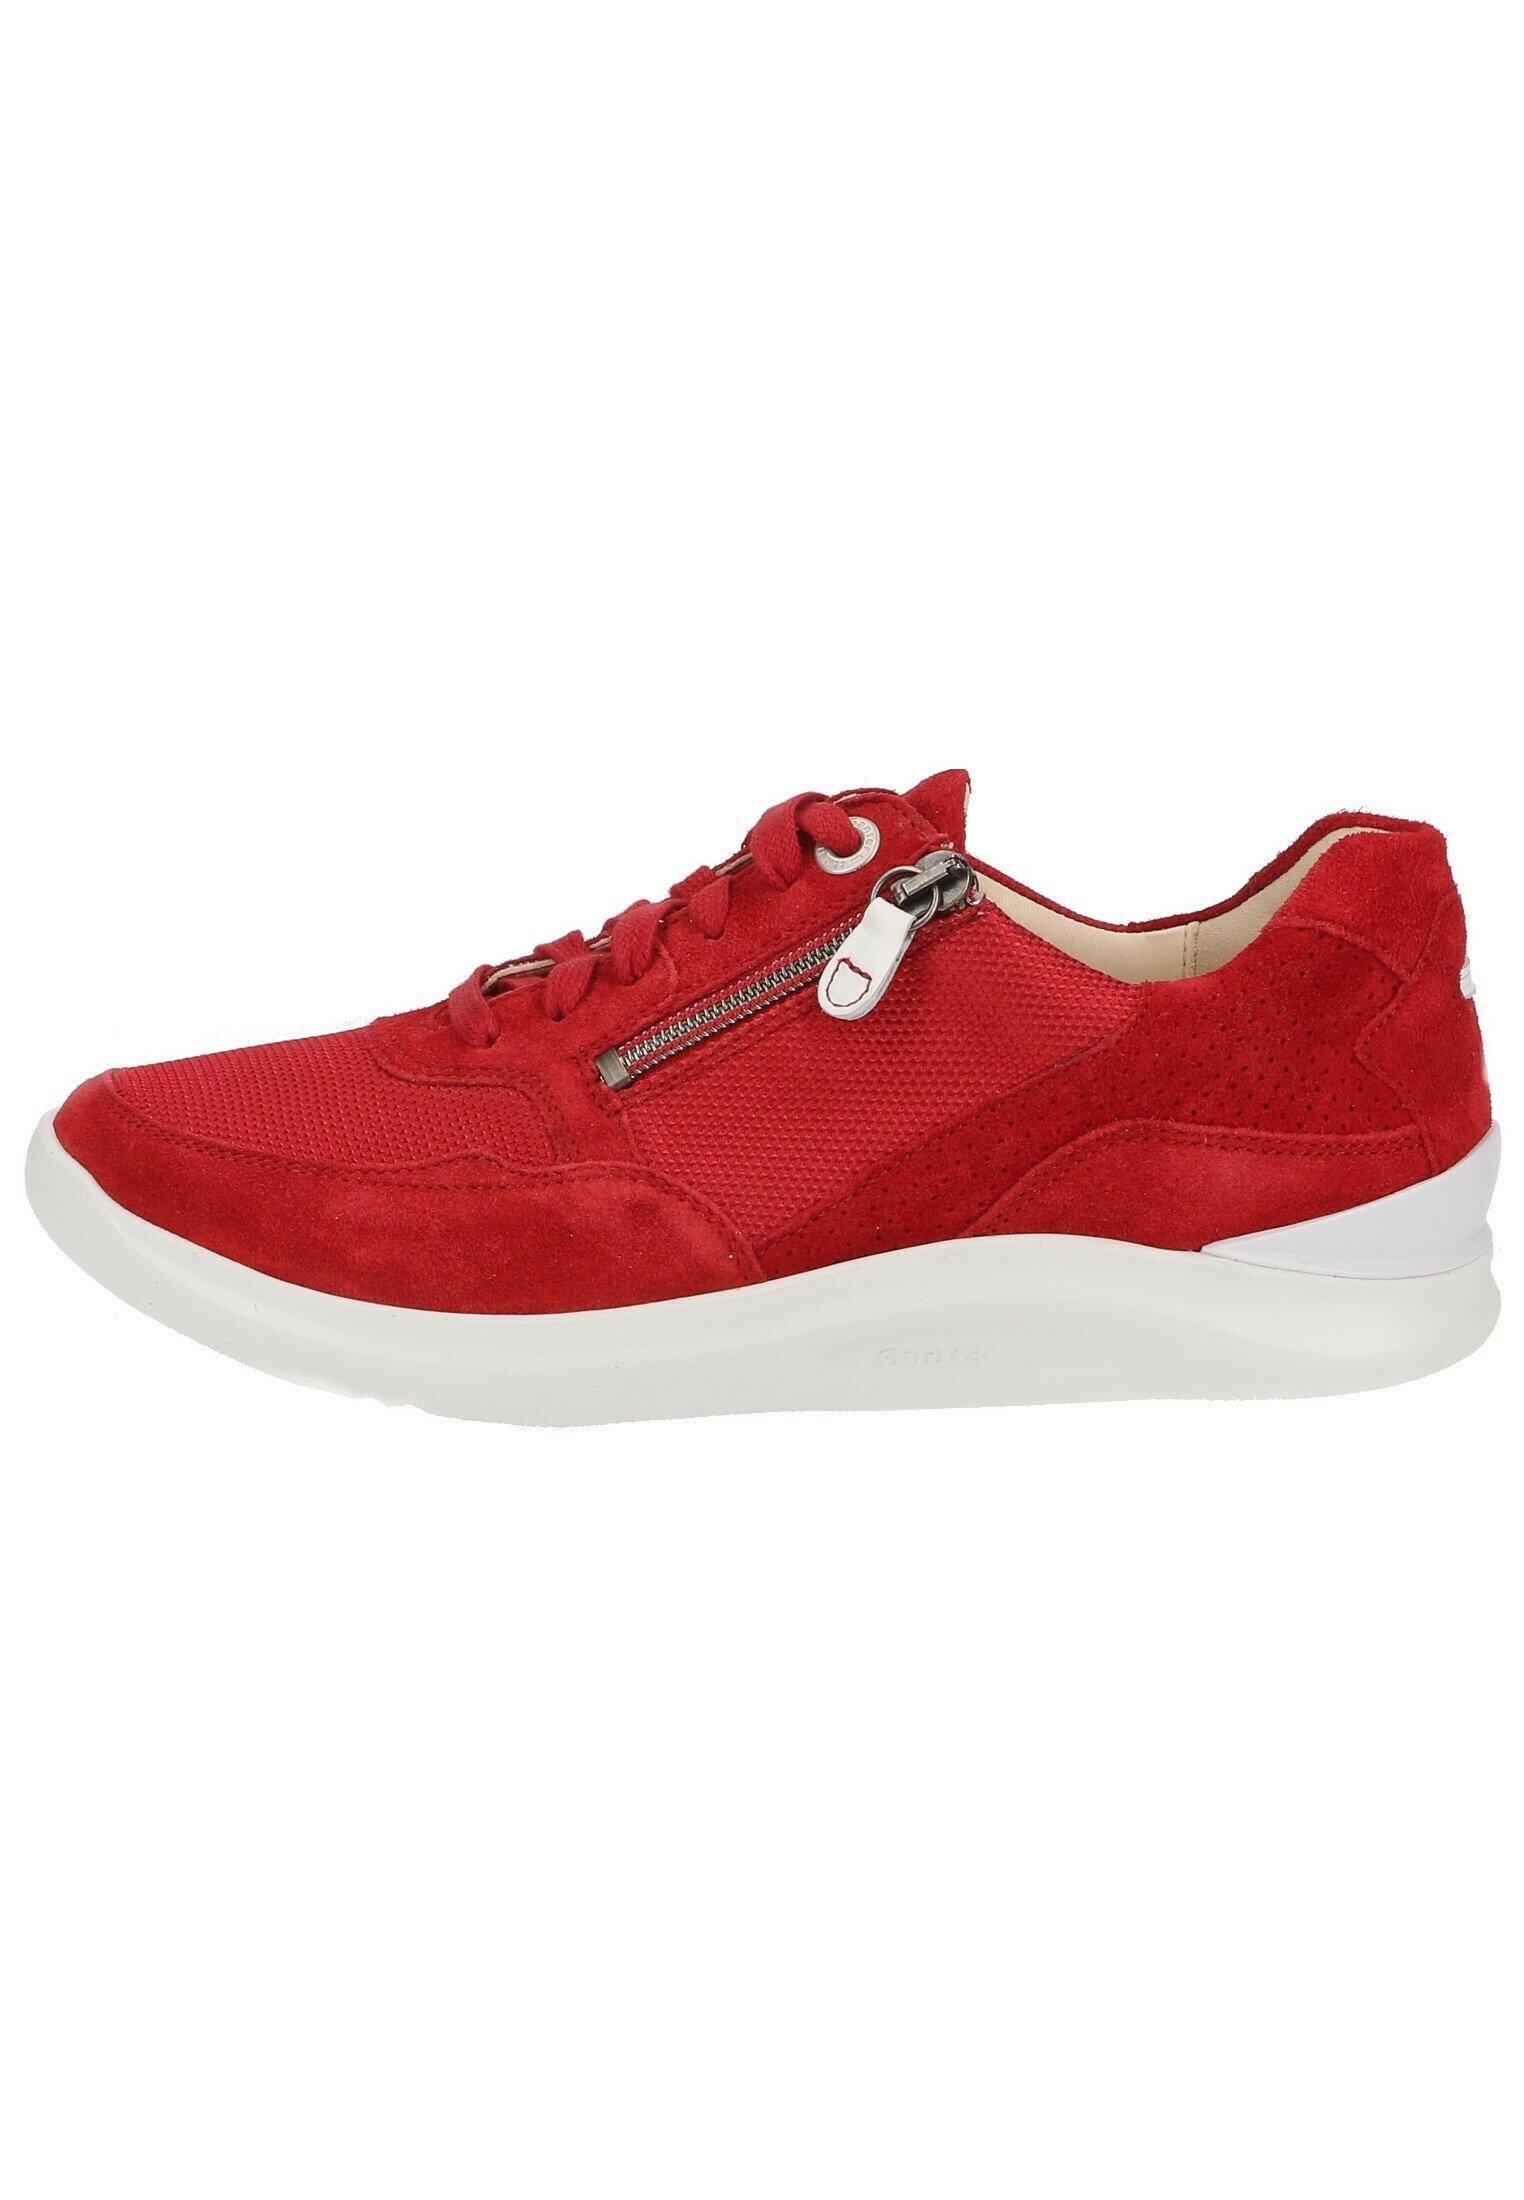 Femme Baskets basses - red